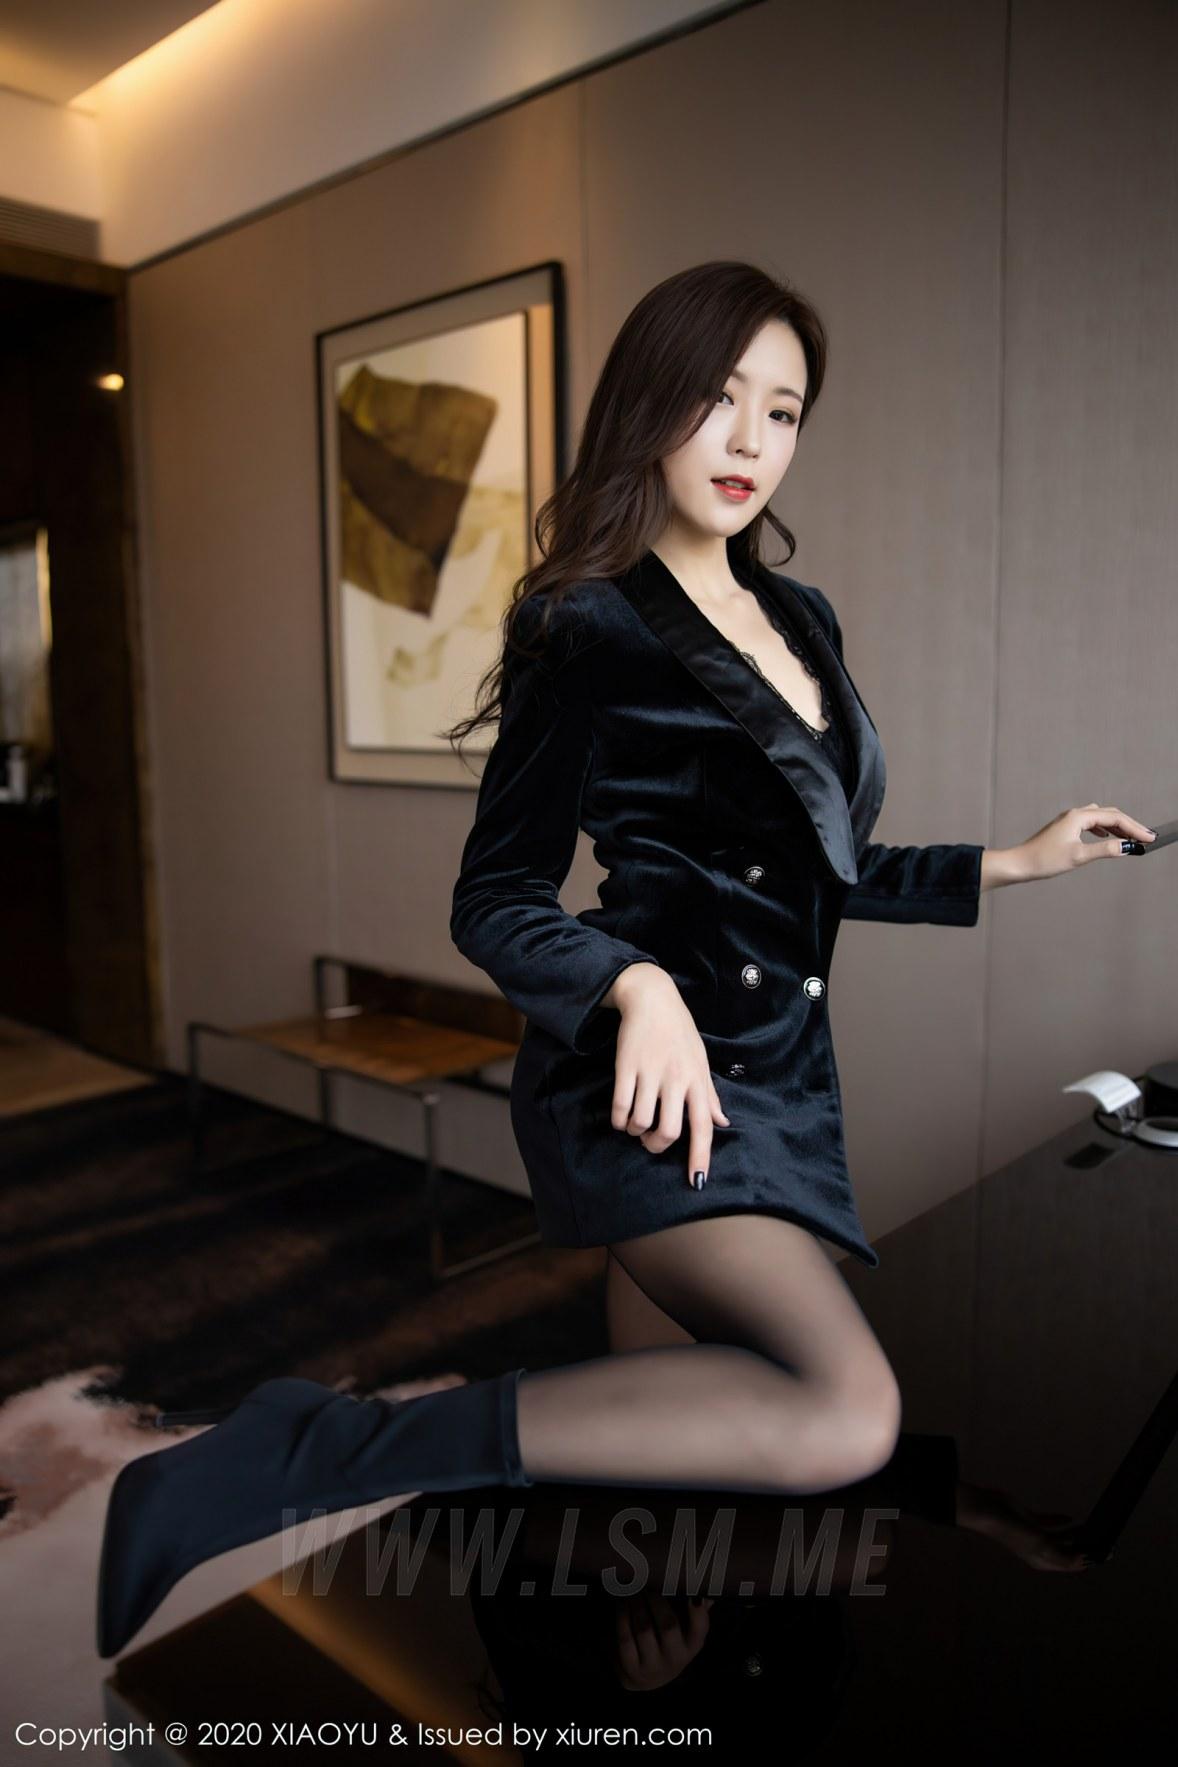 XIAOYU  语画界 Vol.400 杨紫嫣 都市风格装扮修长美腿 - 2